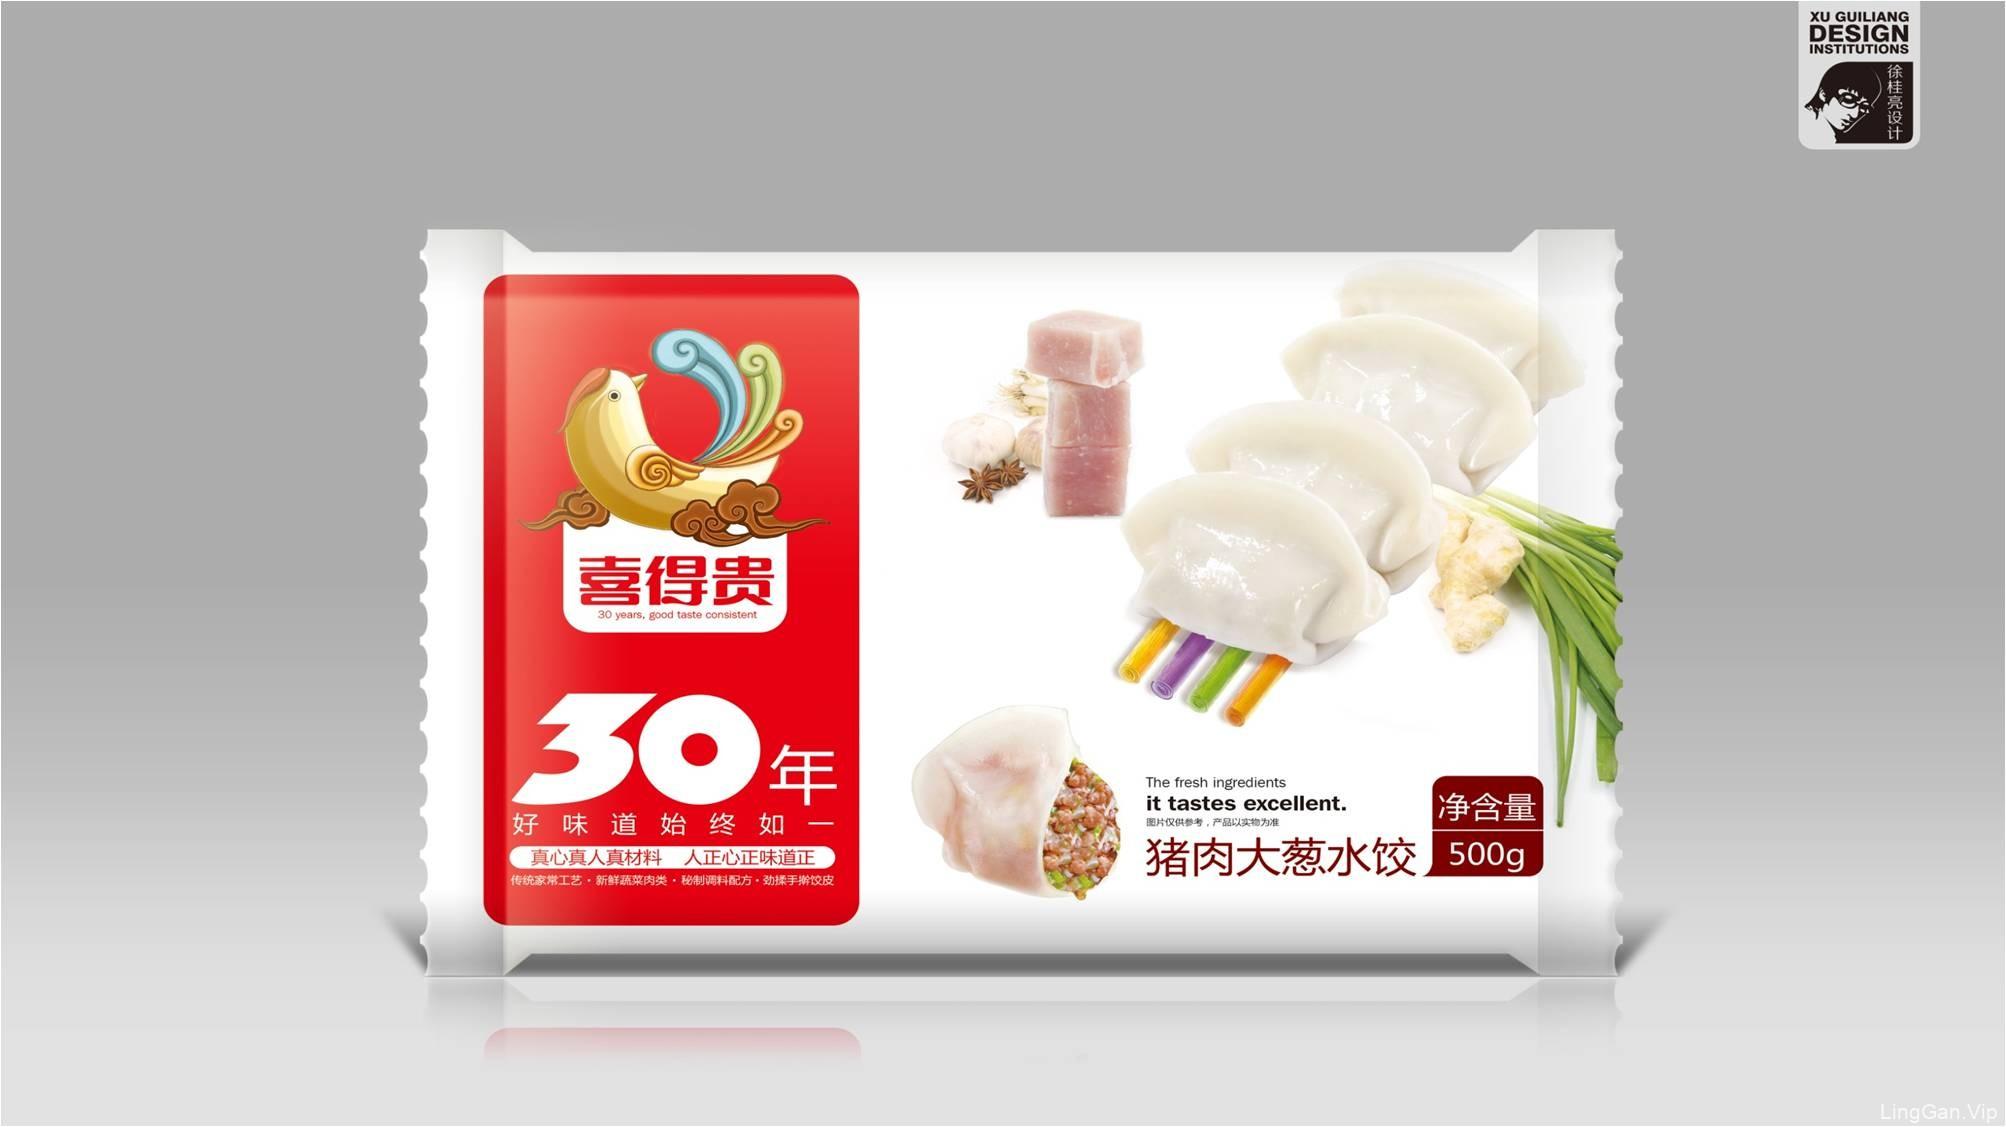 喜得贵(饺子)——衡水徐桂亮品牌设计